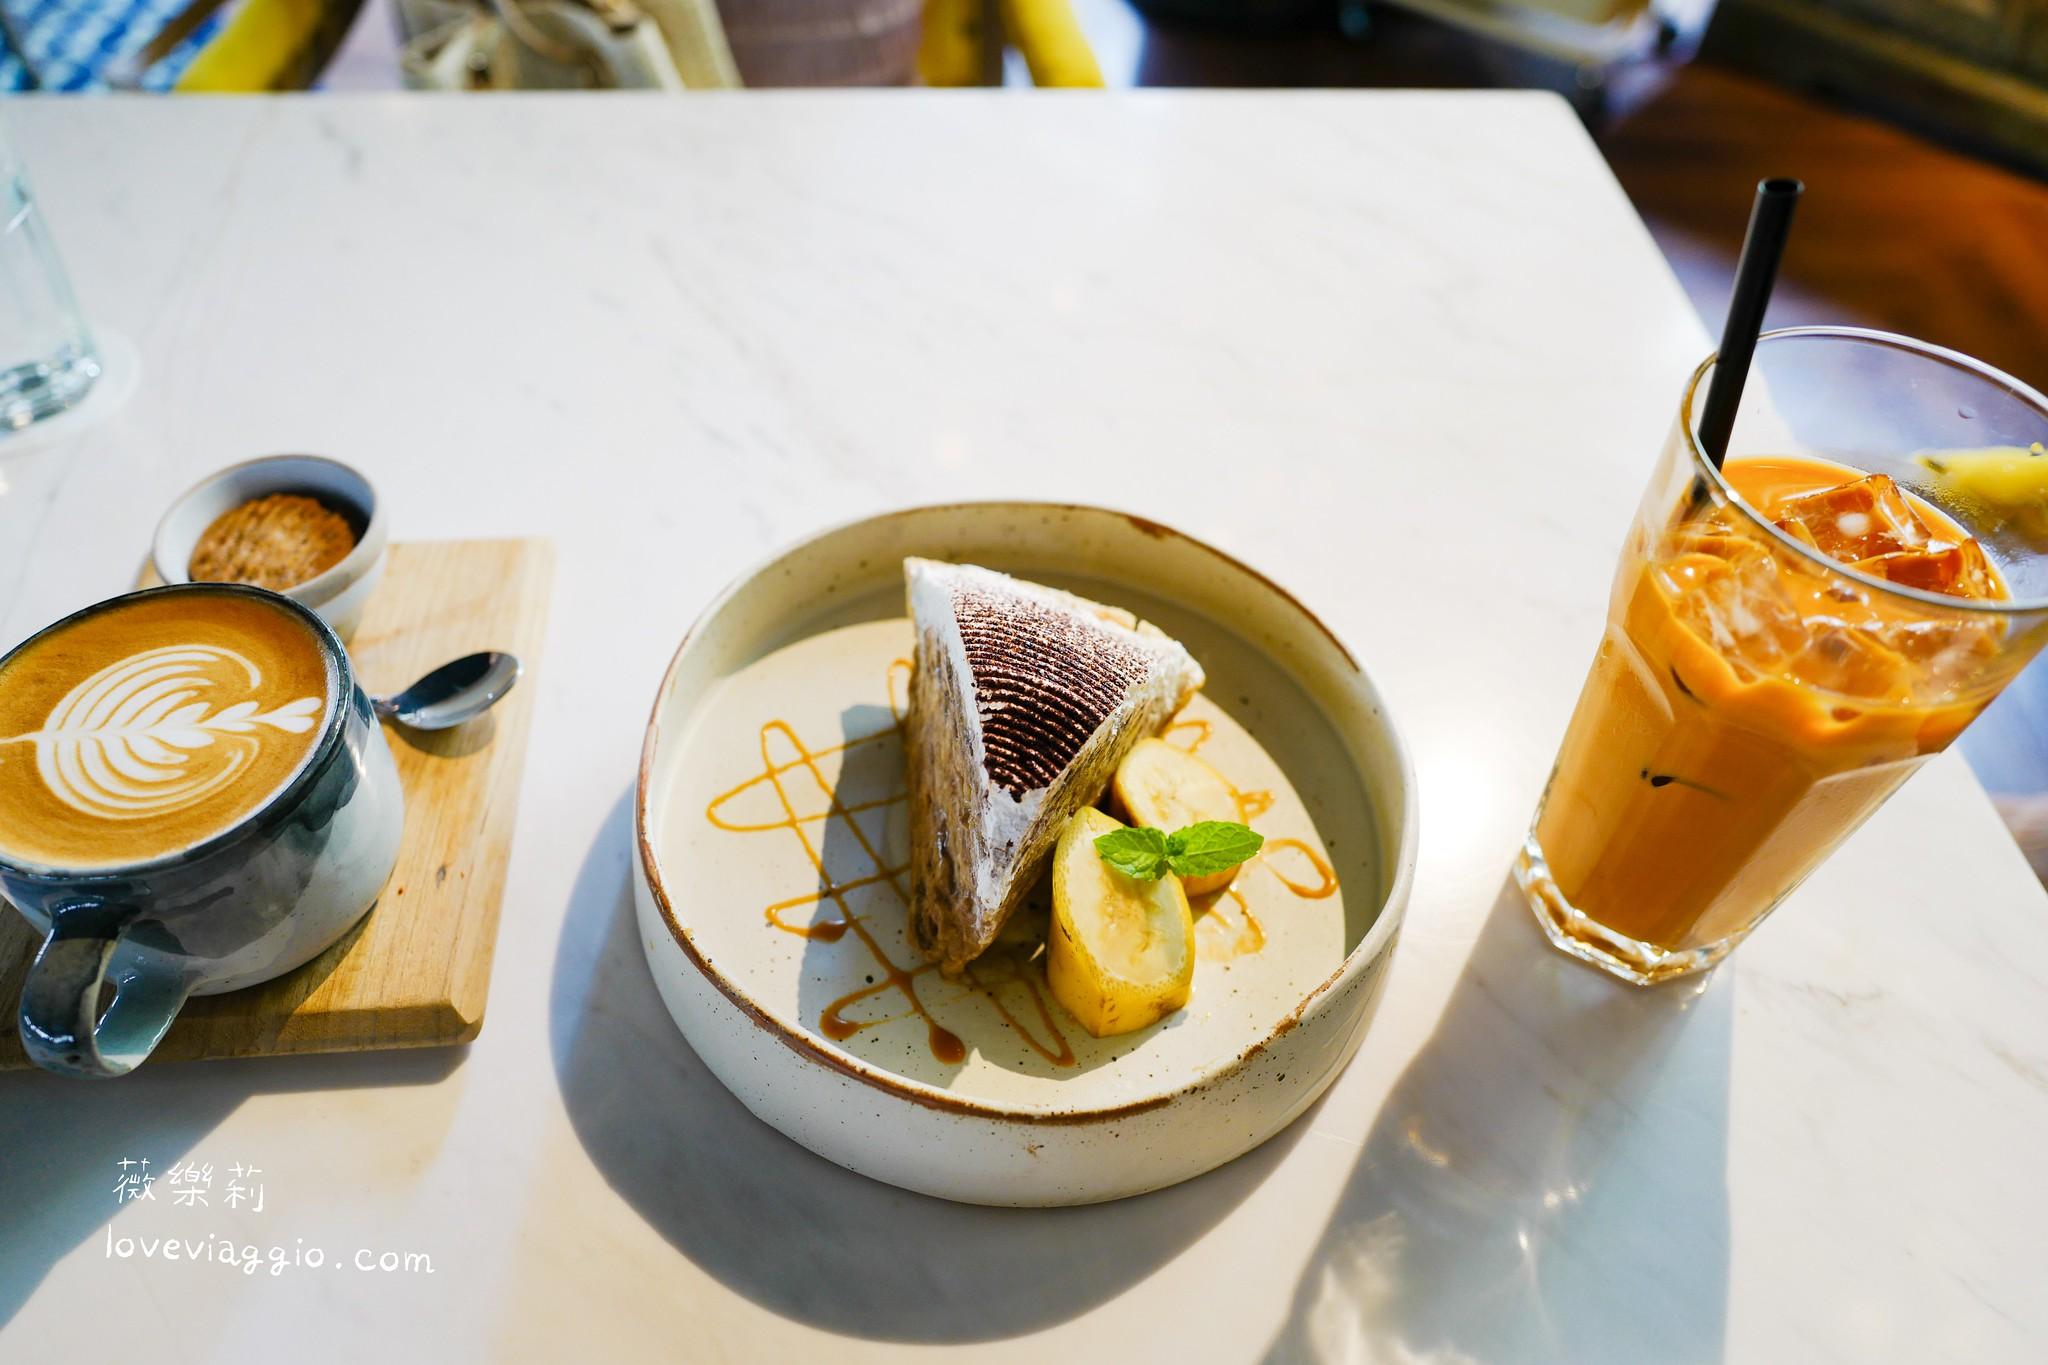 【台中 Taichung】WOO Taiwan 台中市政店 來自清邁人氣餐廳 華麗美學與泰式下午茶 @薇樂莉 Love Viaggio | 旅行.生活.攝影